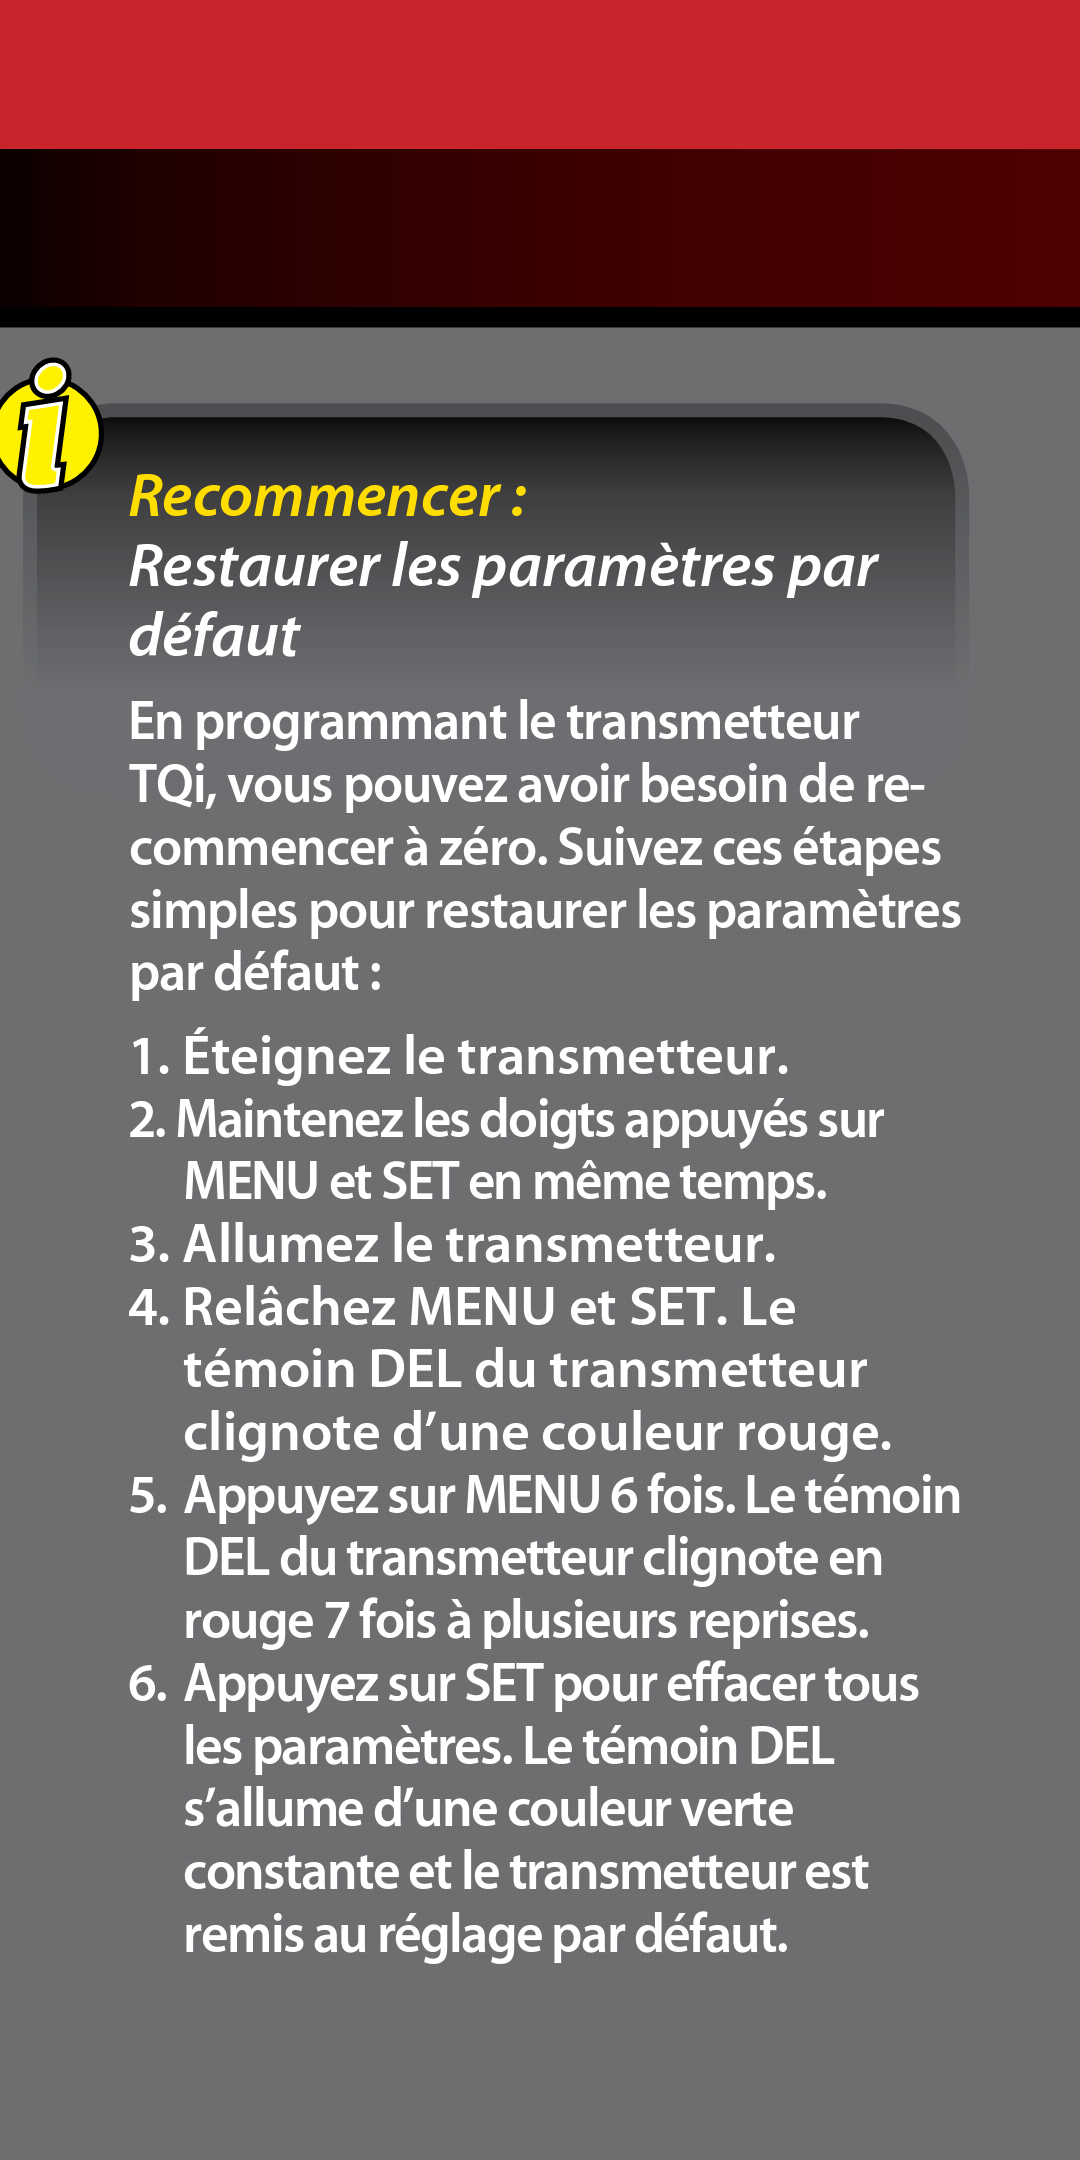 Comment réinitialiser ou faire un reset de la télécommande TQI du TRX-4 et réactiver les fonctions de base manuellement sans traxxas LINK ? Screen16